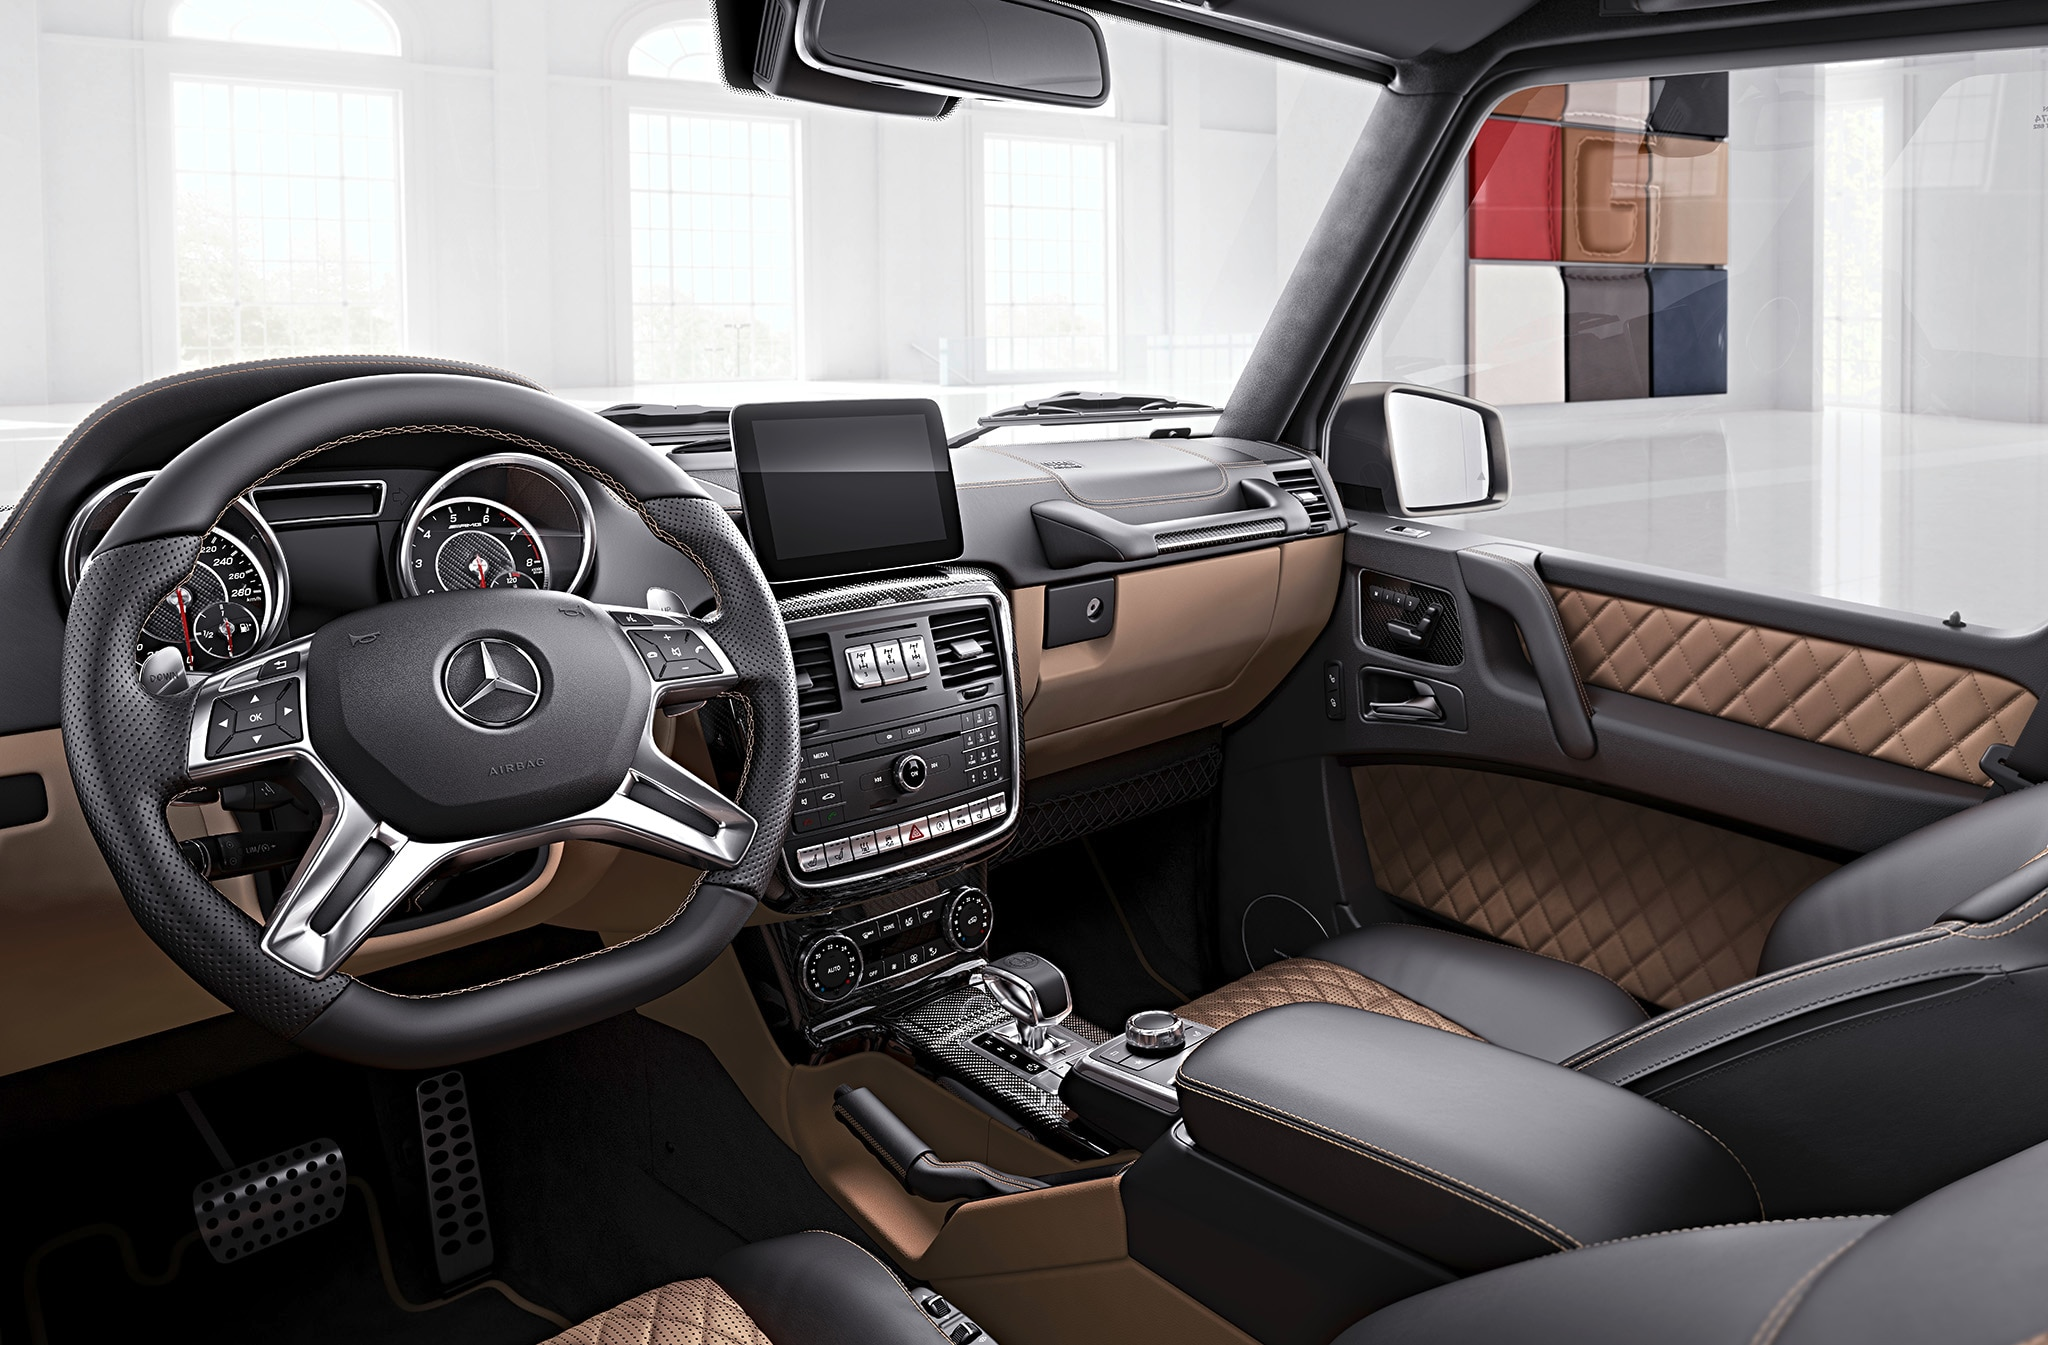 2017 Mercedes Benz Amg G Class Models Get Ritzy Variants